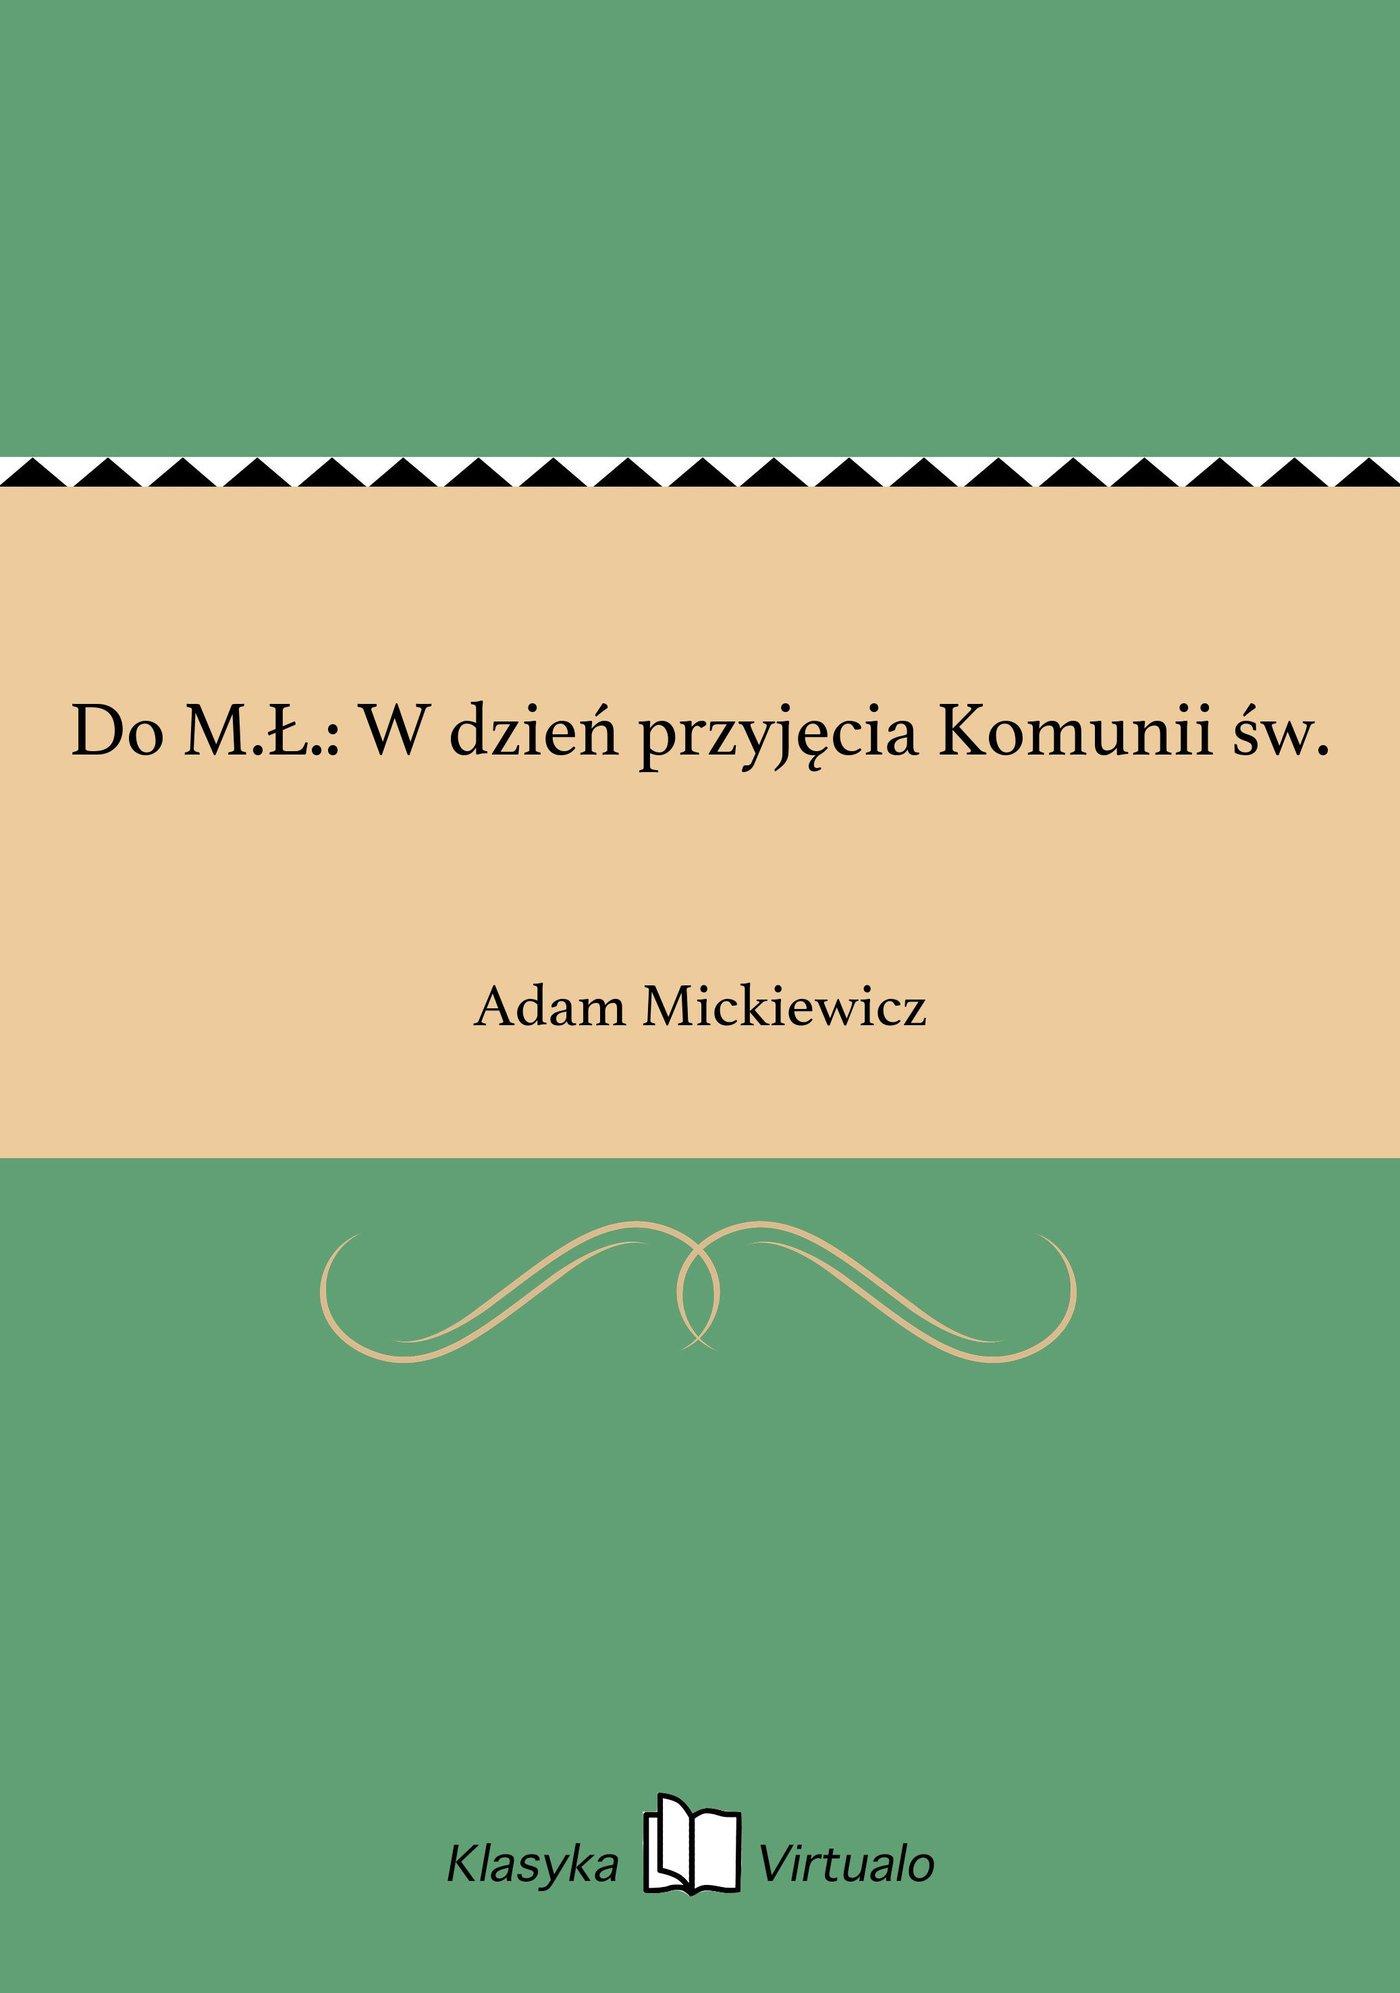 Do M.Ł.: W dzień przyjęcia Komunii św. - Ebook (Książka EPUB) do pobrania w formacie EPUB